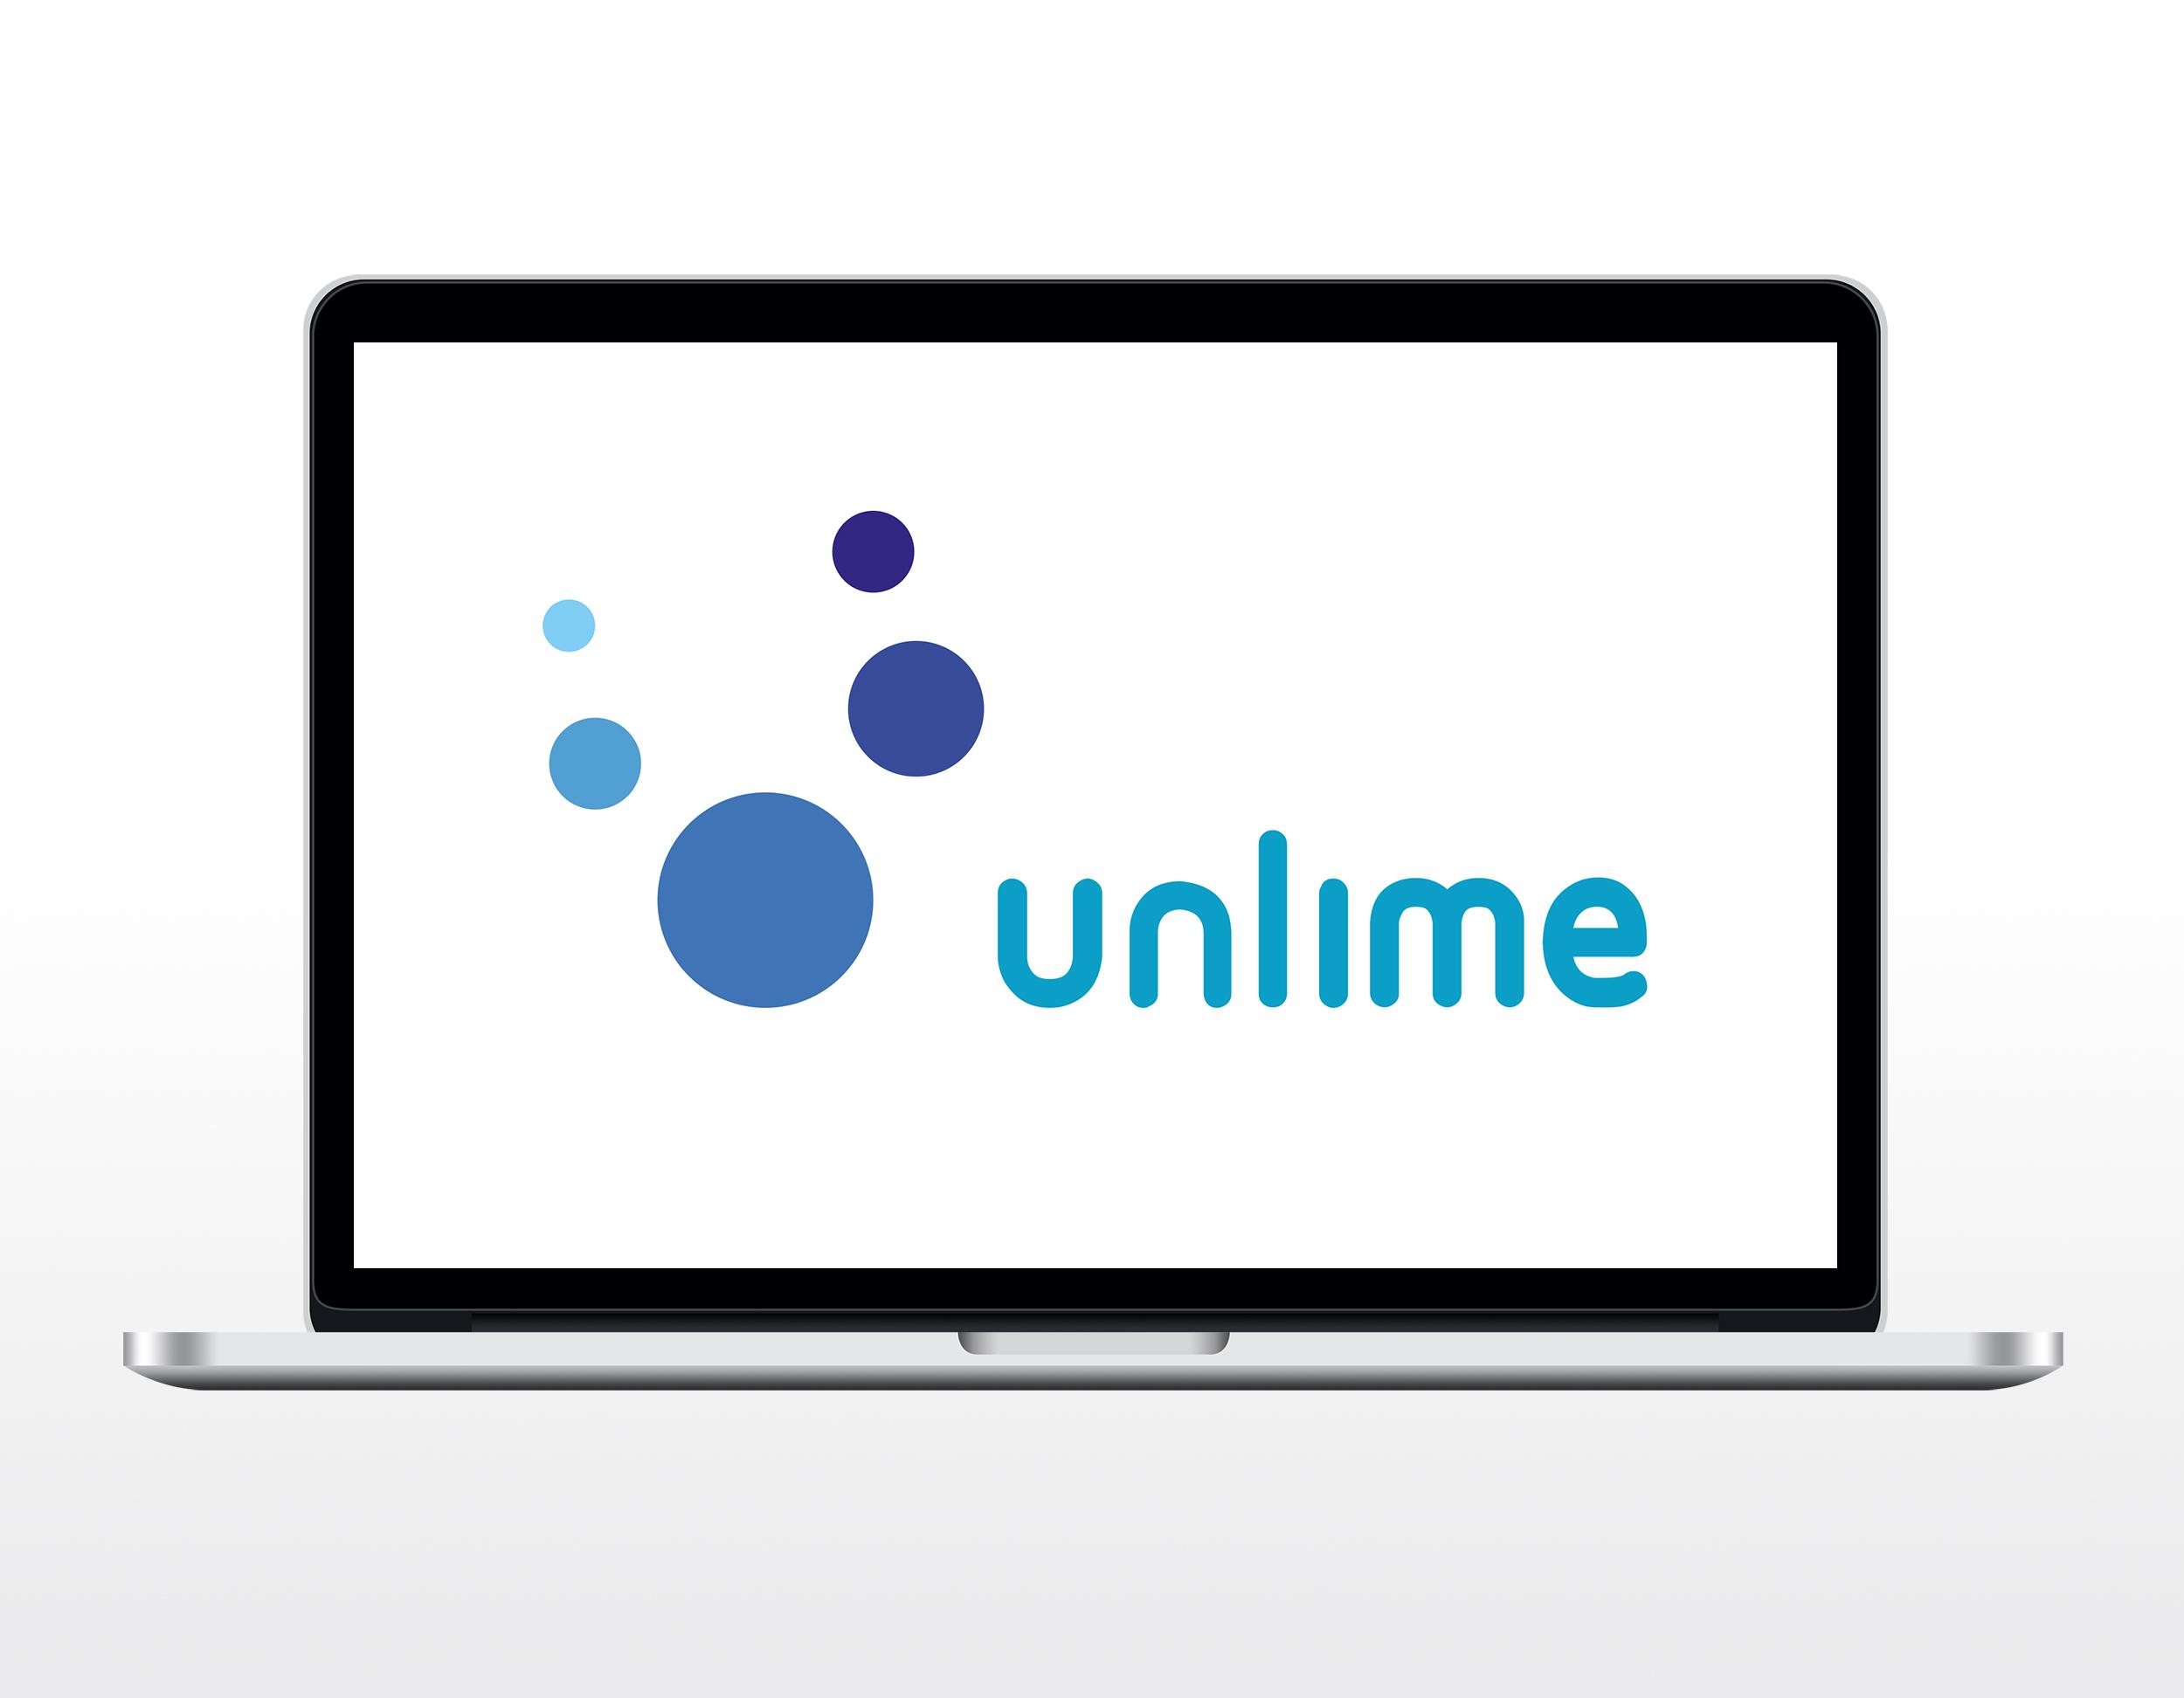 Разработка логотипа и фирменного стиля фото f_8505951d50b3daef.jpg